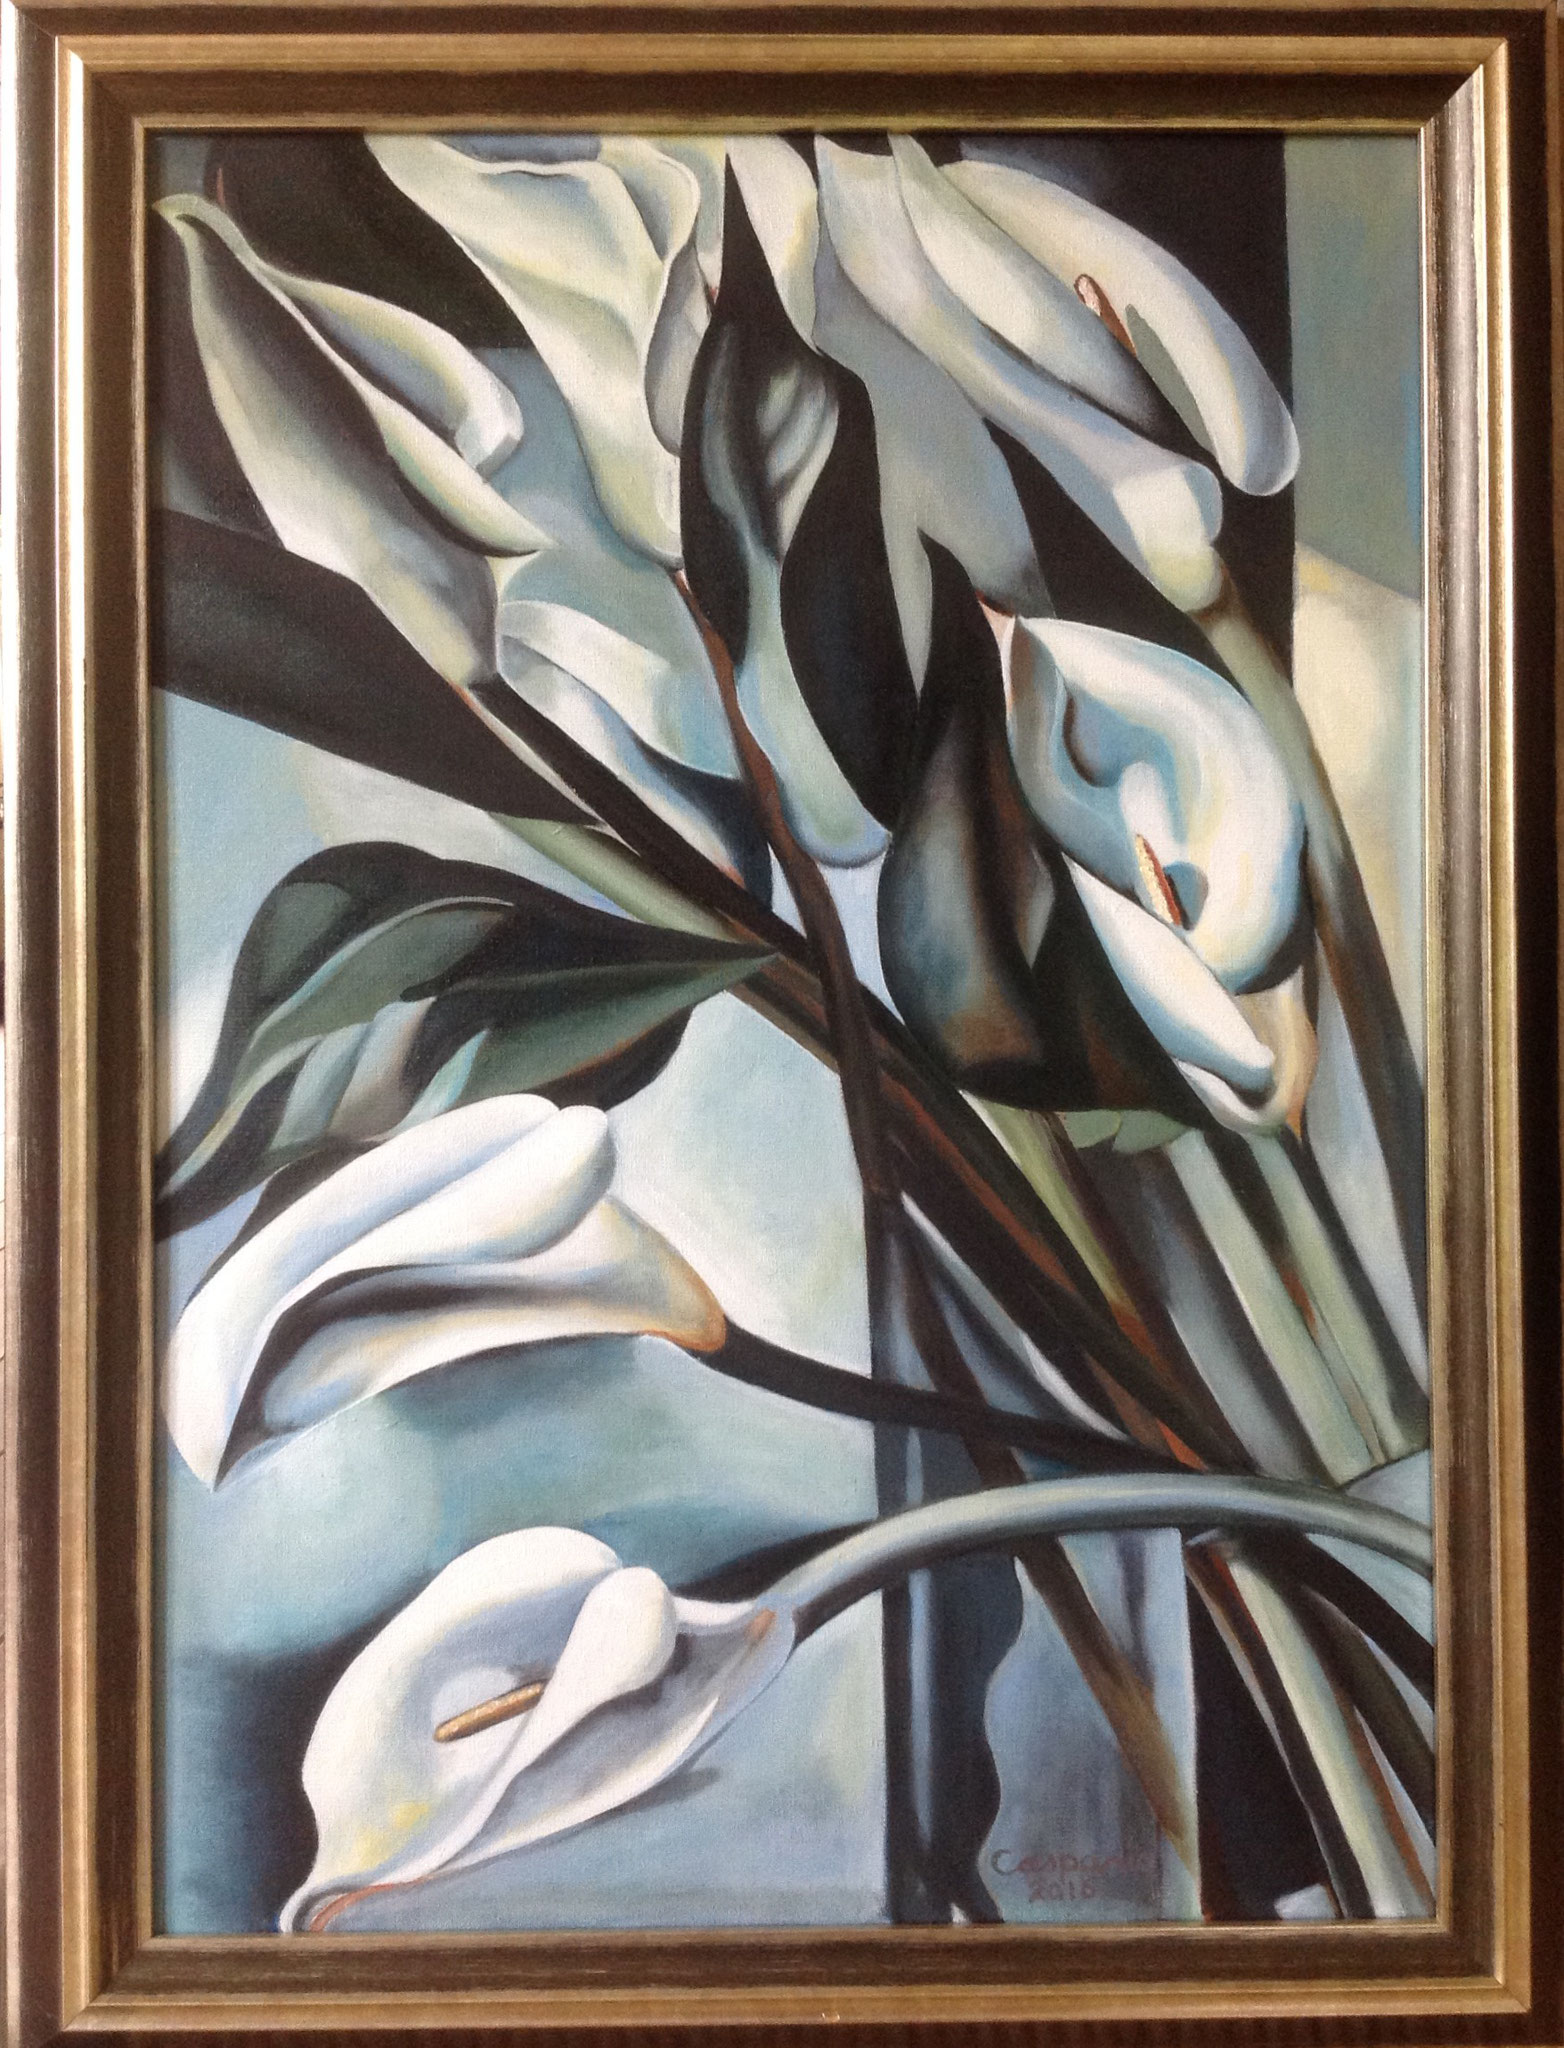 Calla Lillies 2, naar Tamara de Lempicka, olieverf op linnen, 50 x 70 cm.